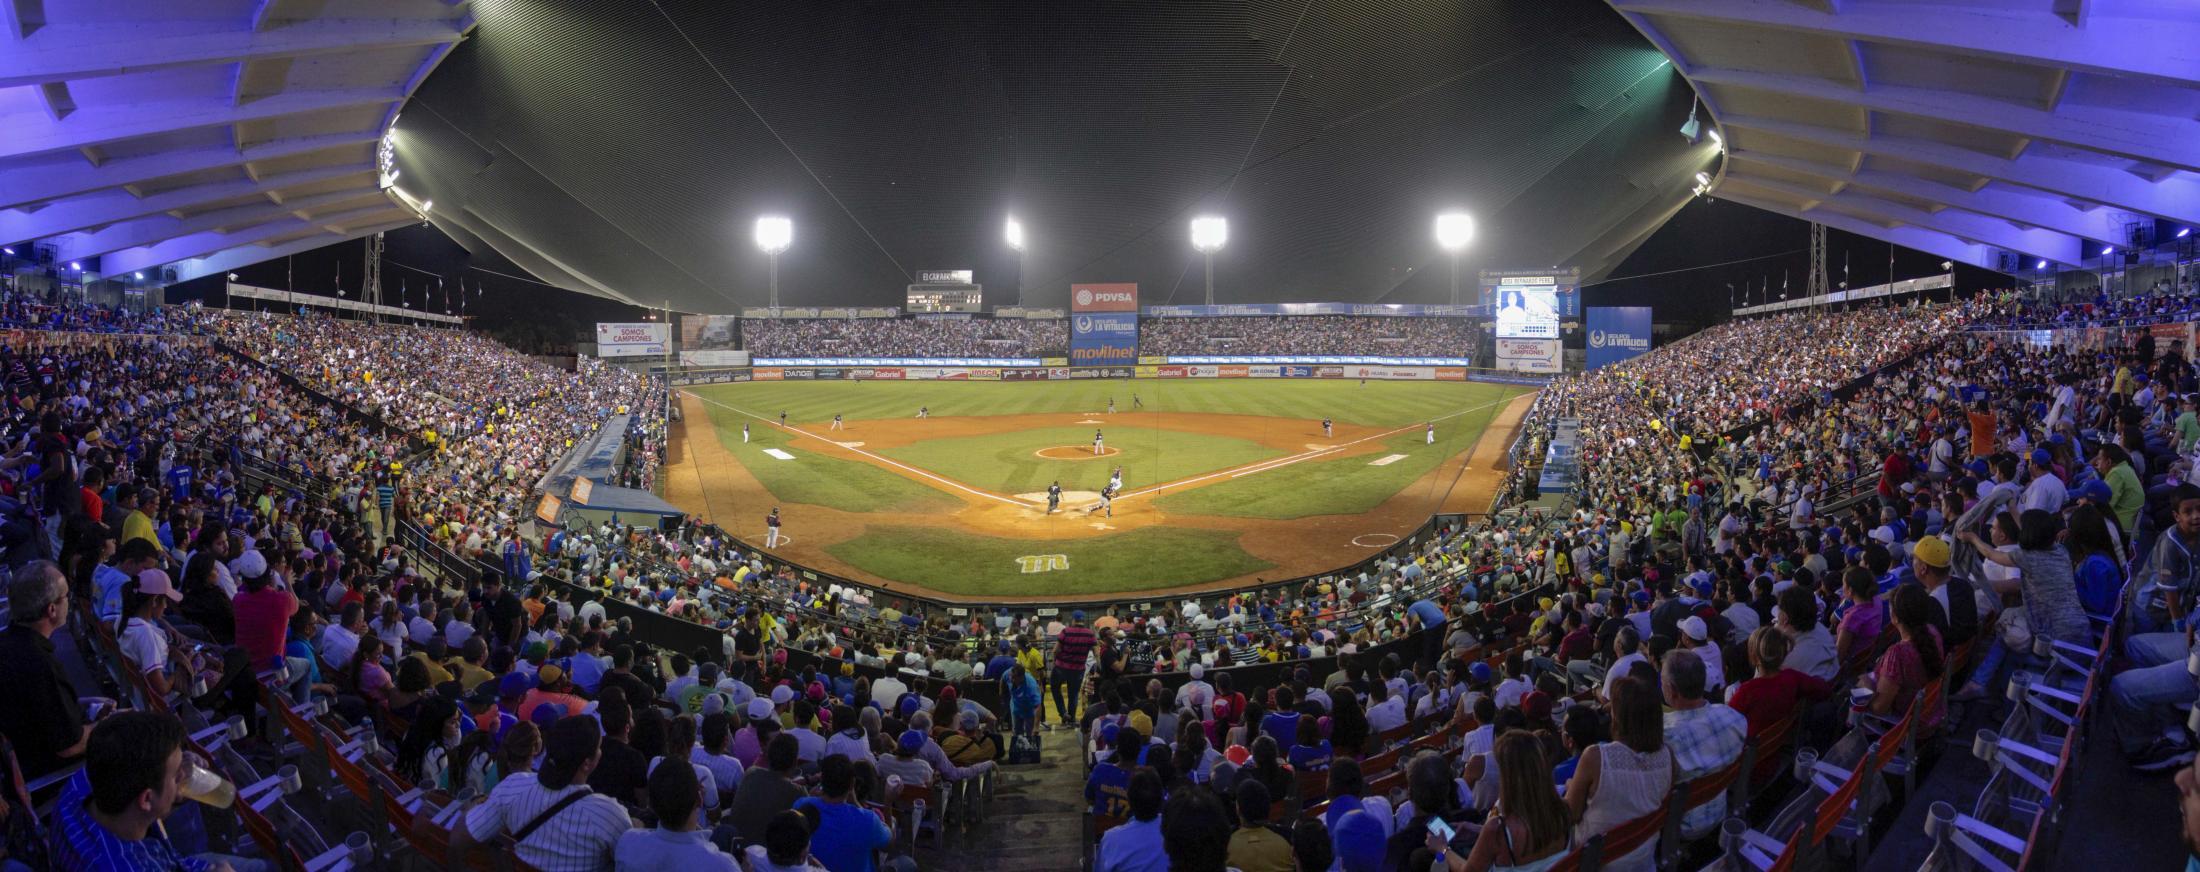 """Panorámica del estadio """"José Bernardo Pérez"""" en el Edo. Carabobo (Venezuela) durante el juego de béisbol entre Leones del Caracas y Navegantes del Magallanes."""